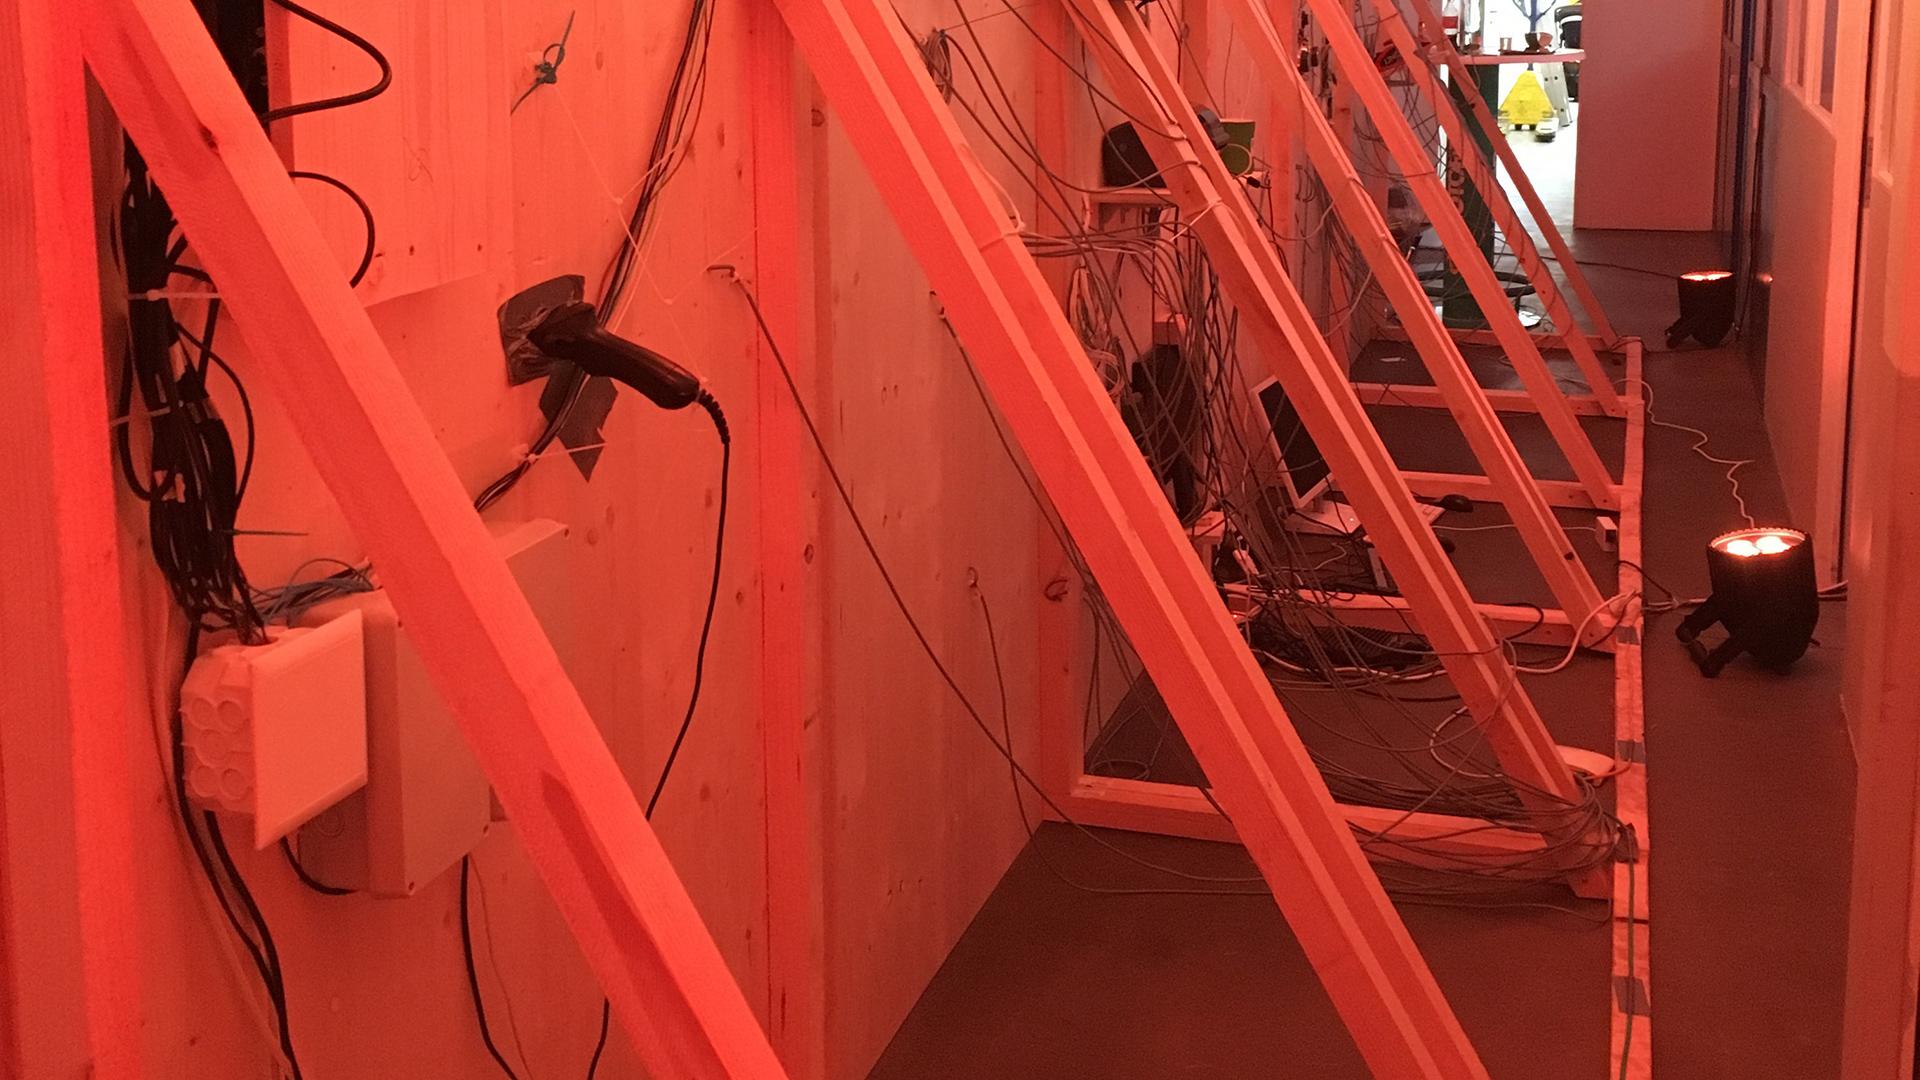 Bild 2 vom Touch-Wood-Wall